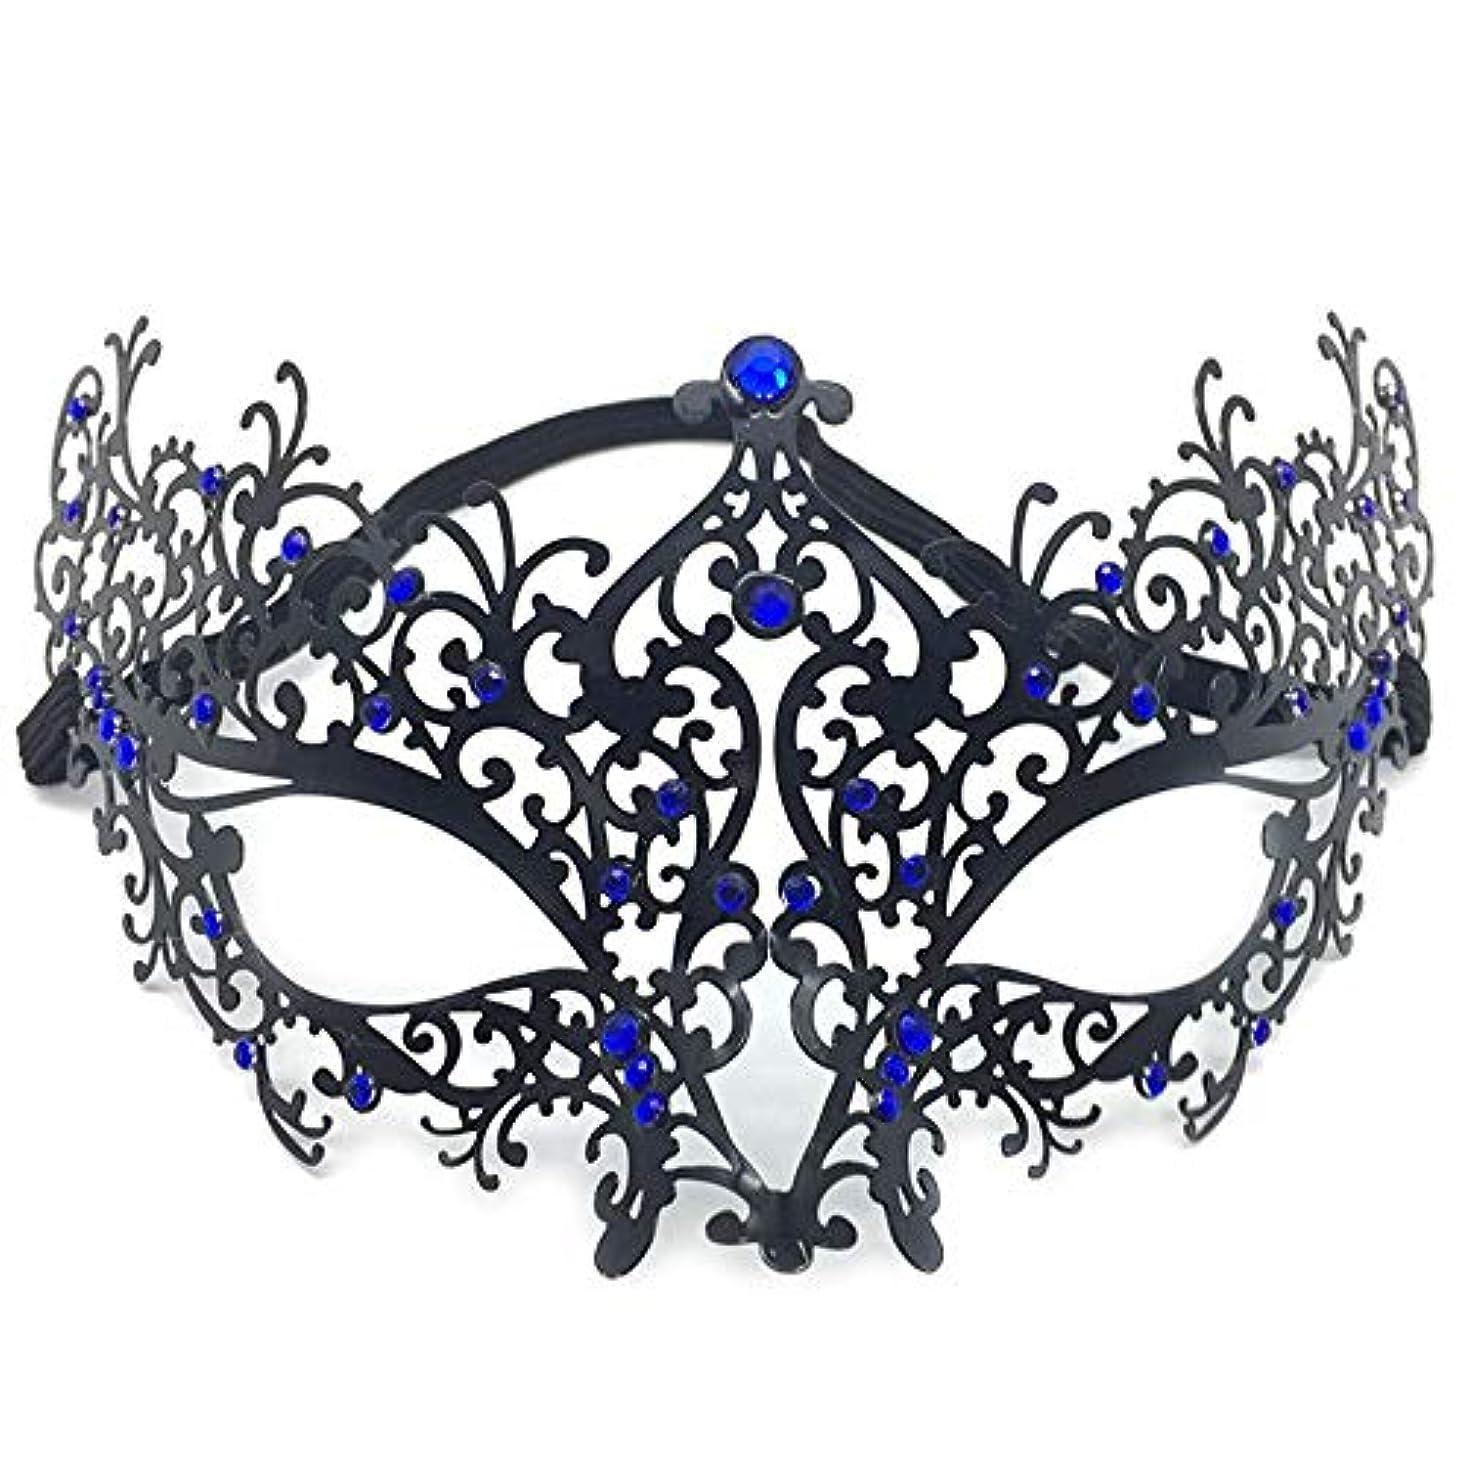 勝利した限られた最大のハロウィーンマスク仮装アイアンマスクパーティードレスアップメタルダイヤモンドハーフフェイスマスク (Color : BLUE)